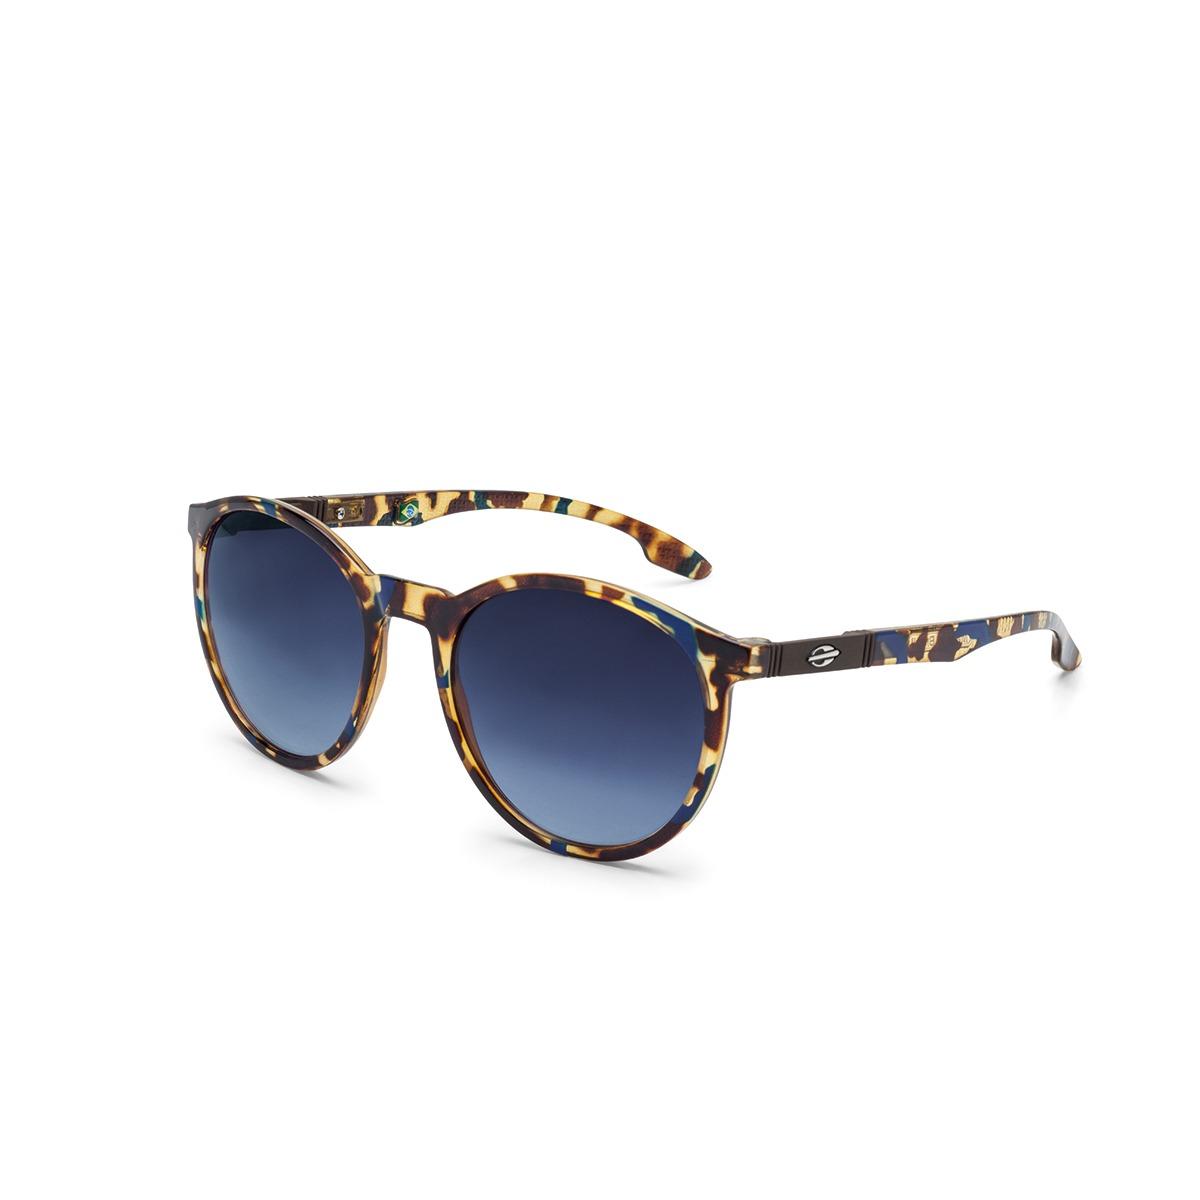 83b5ee5356fd5 Óculos Mormaii Maui M0035 Fb0 86 Estampado Lente Espelhada - R  217 ...